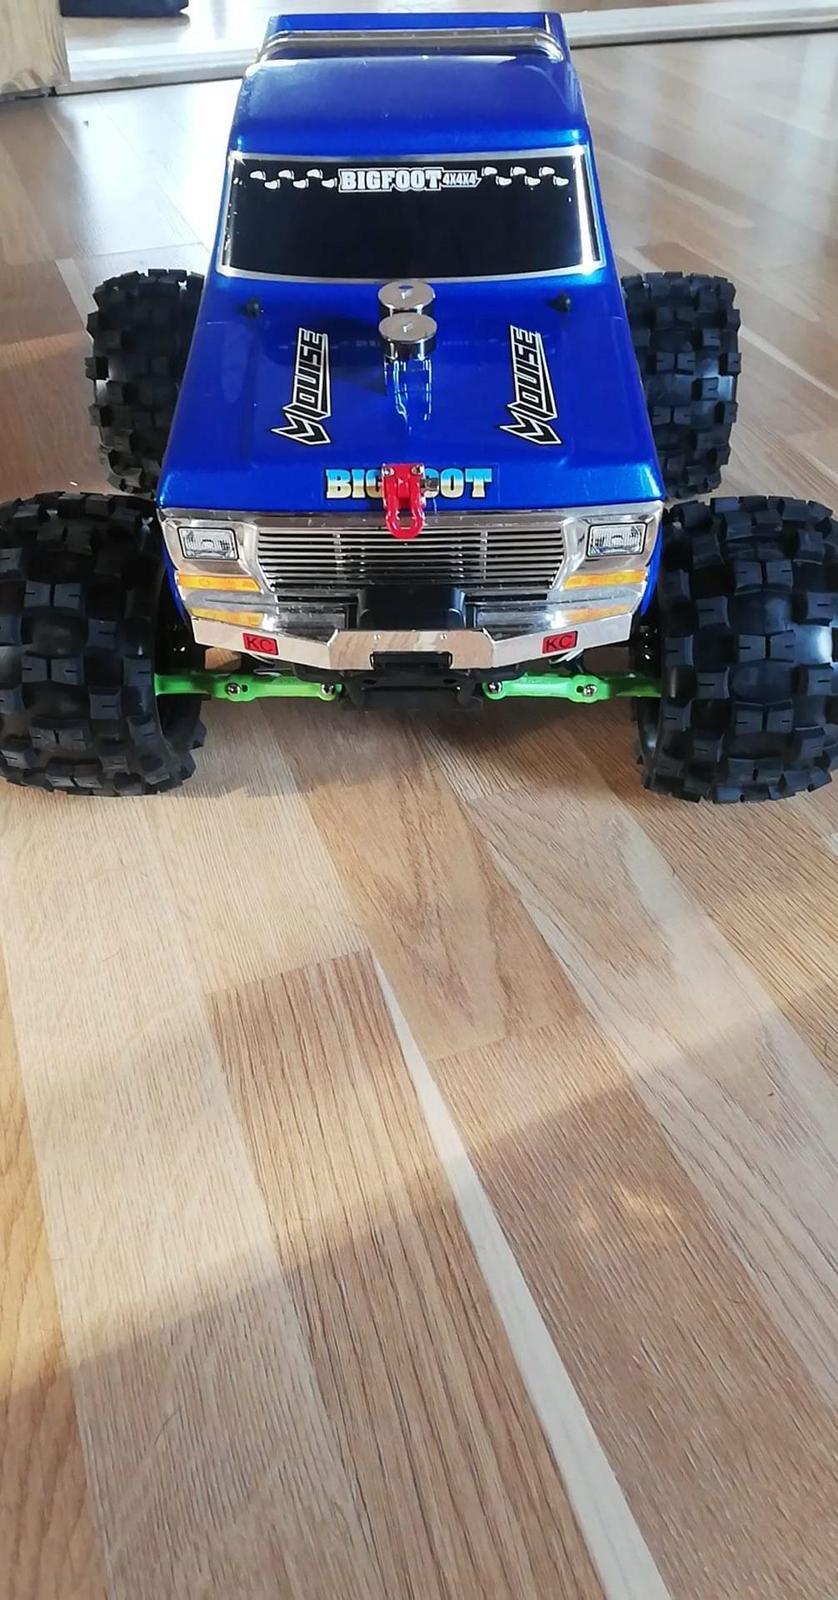 Truck Traxxas Big Foot billede 1